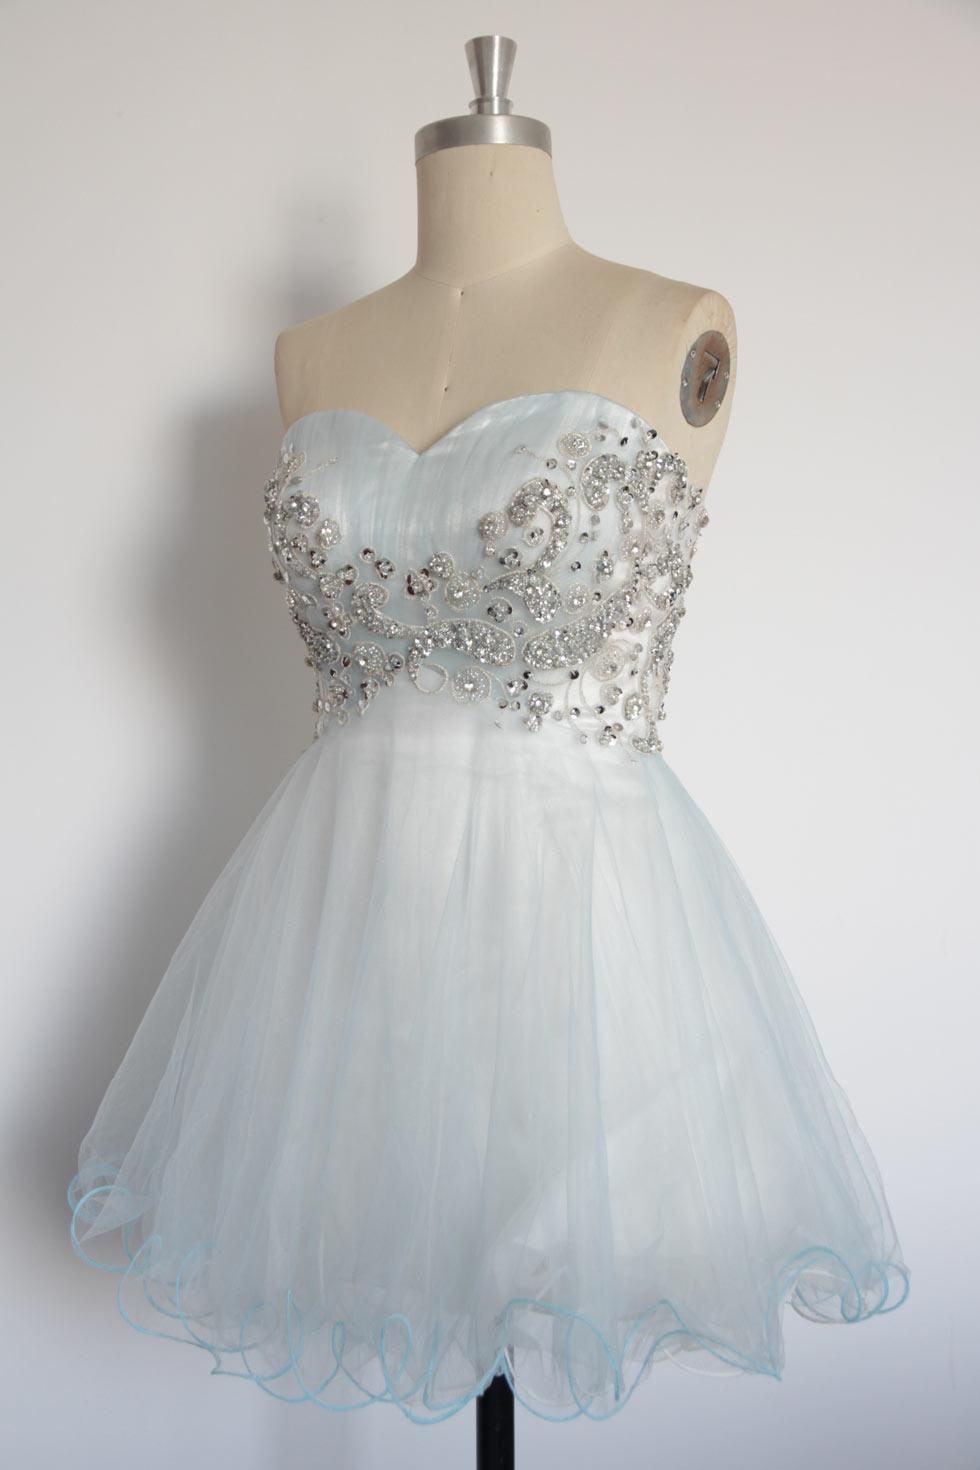 robe d'anniversaire décolleté en cœur orné de strass